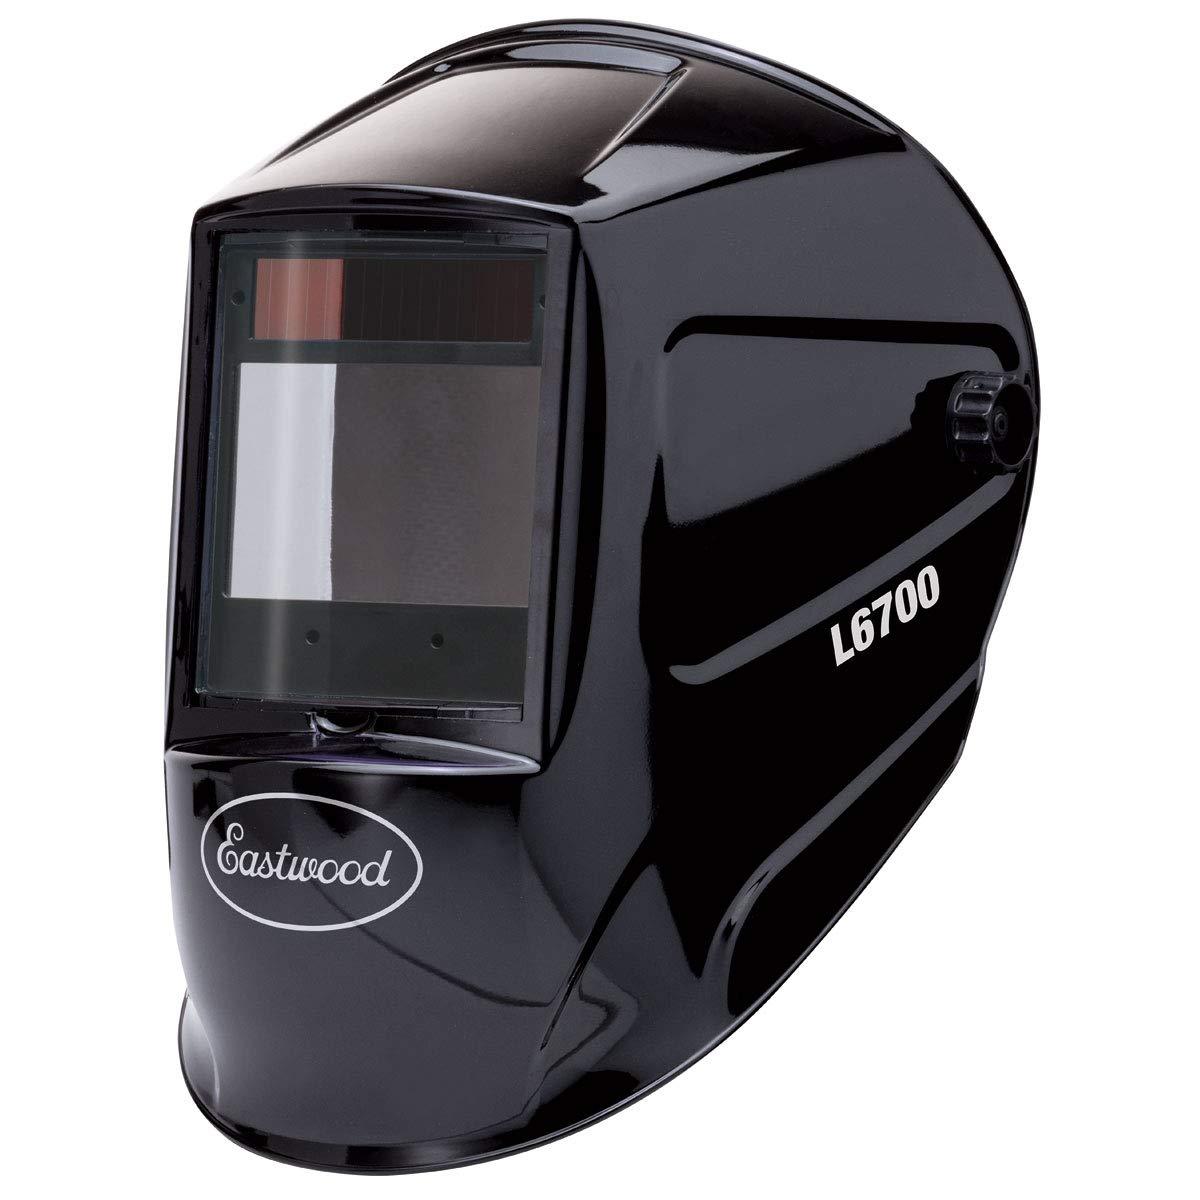 Eastwood Large View Auto Darkening Welding Helmet Mask Kit Adjustable Headband Comfortable - L6700